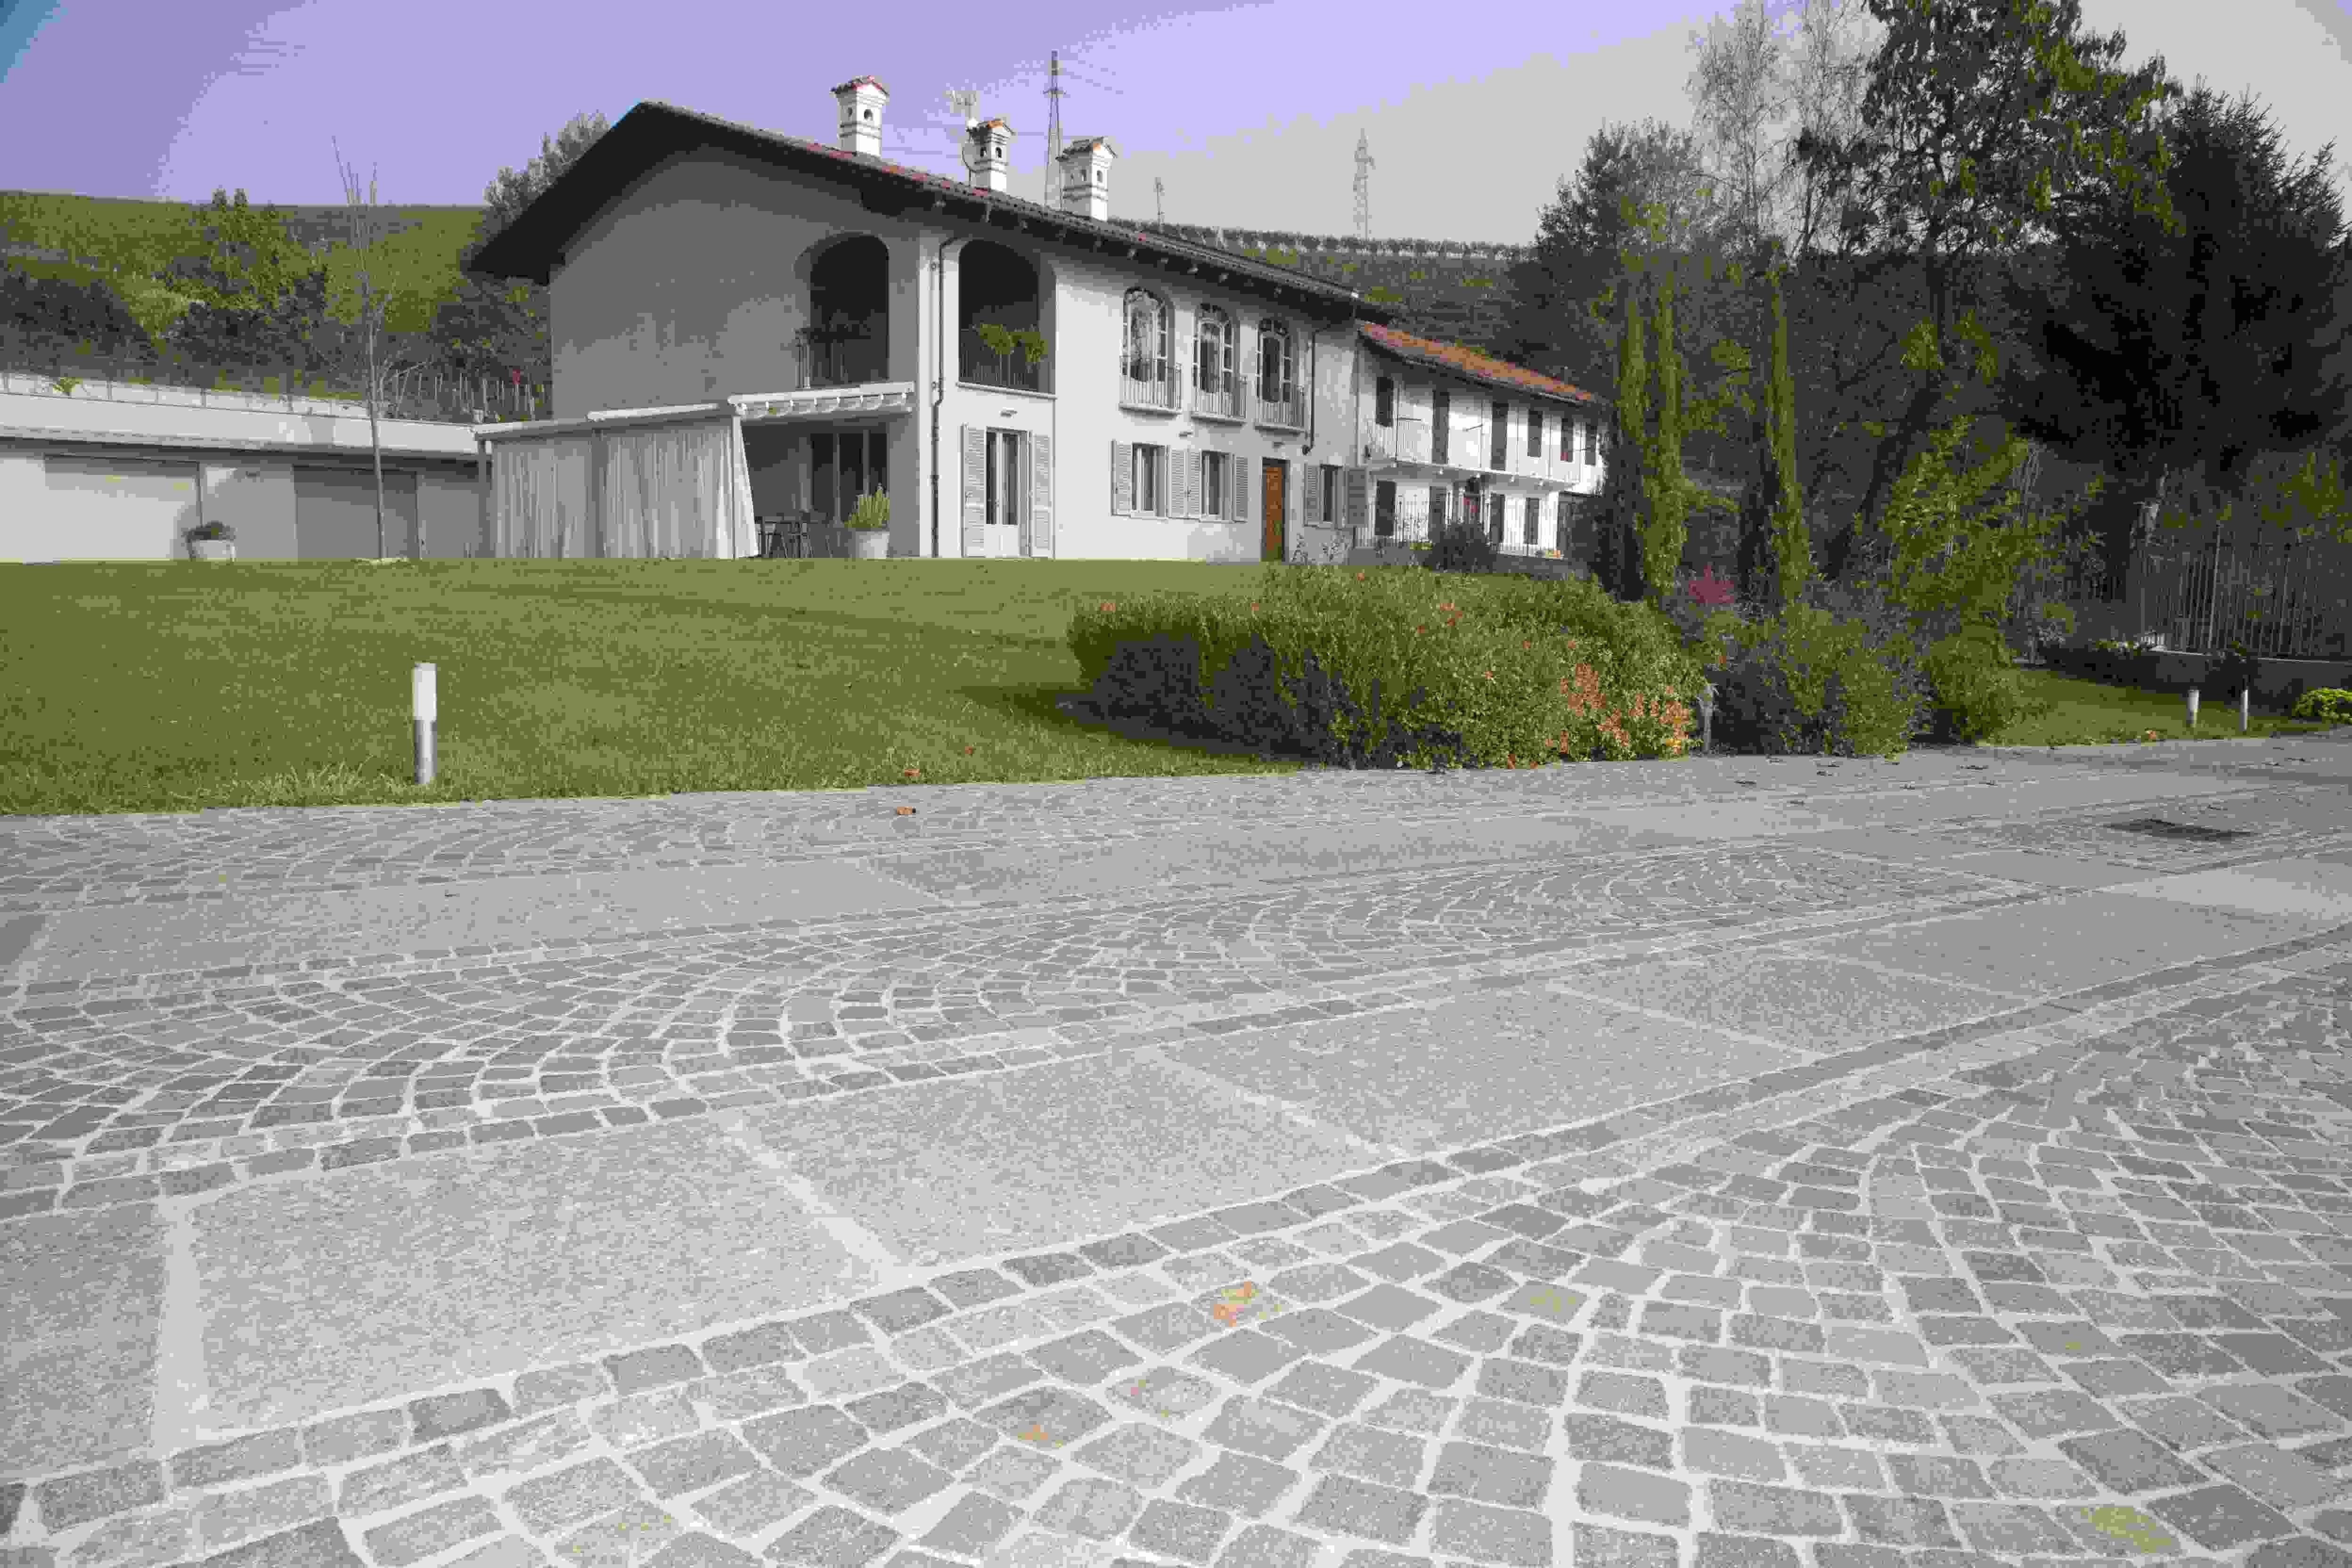 Posa Pavimento A Secco Giardino pavimenti per esterno in pietra naturale, porfido e pietra